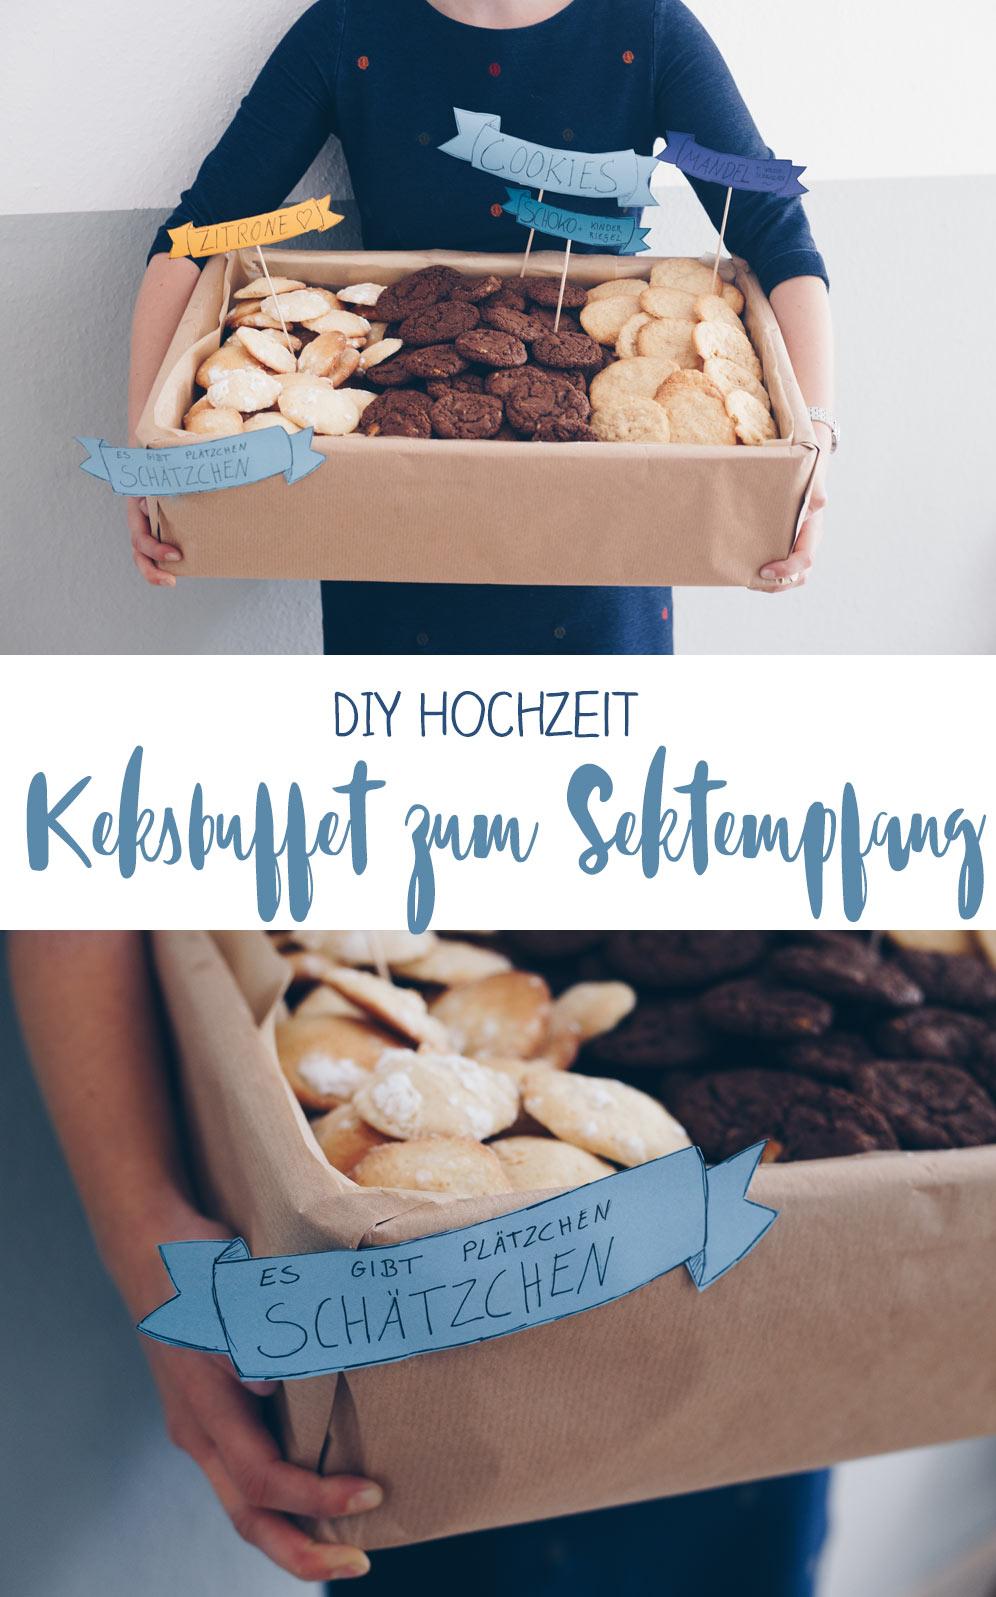 Keksbuffet zum Sektempfang - Idee für die DIY Hochzeit - Cookies zum Sektempfang - einfach vorzubereiten und günstig